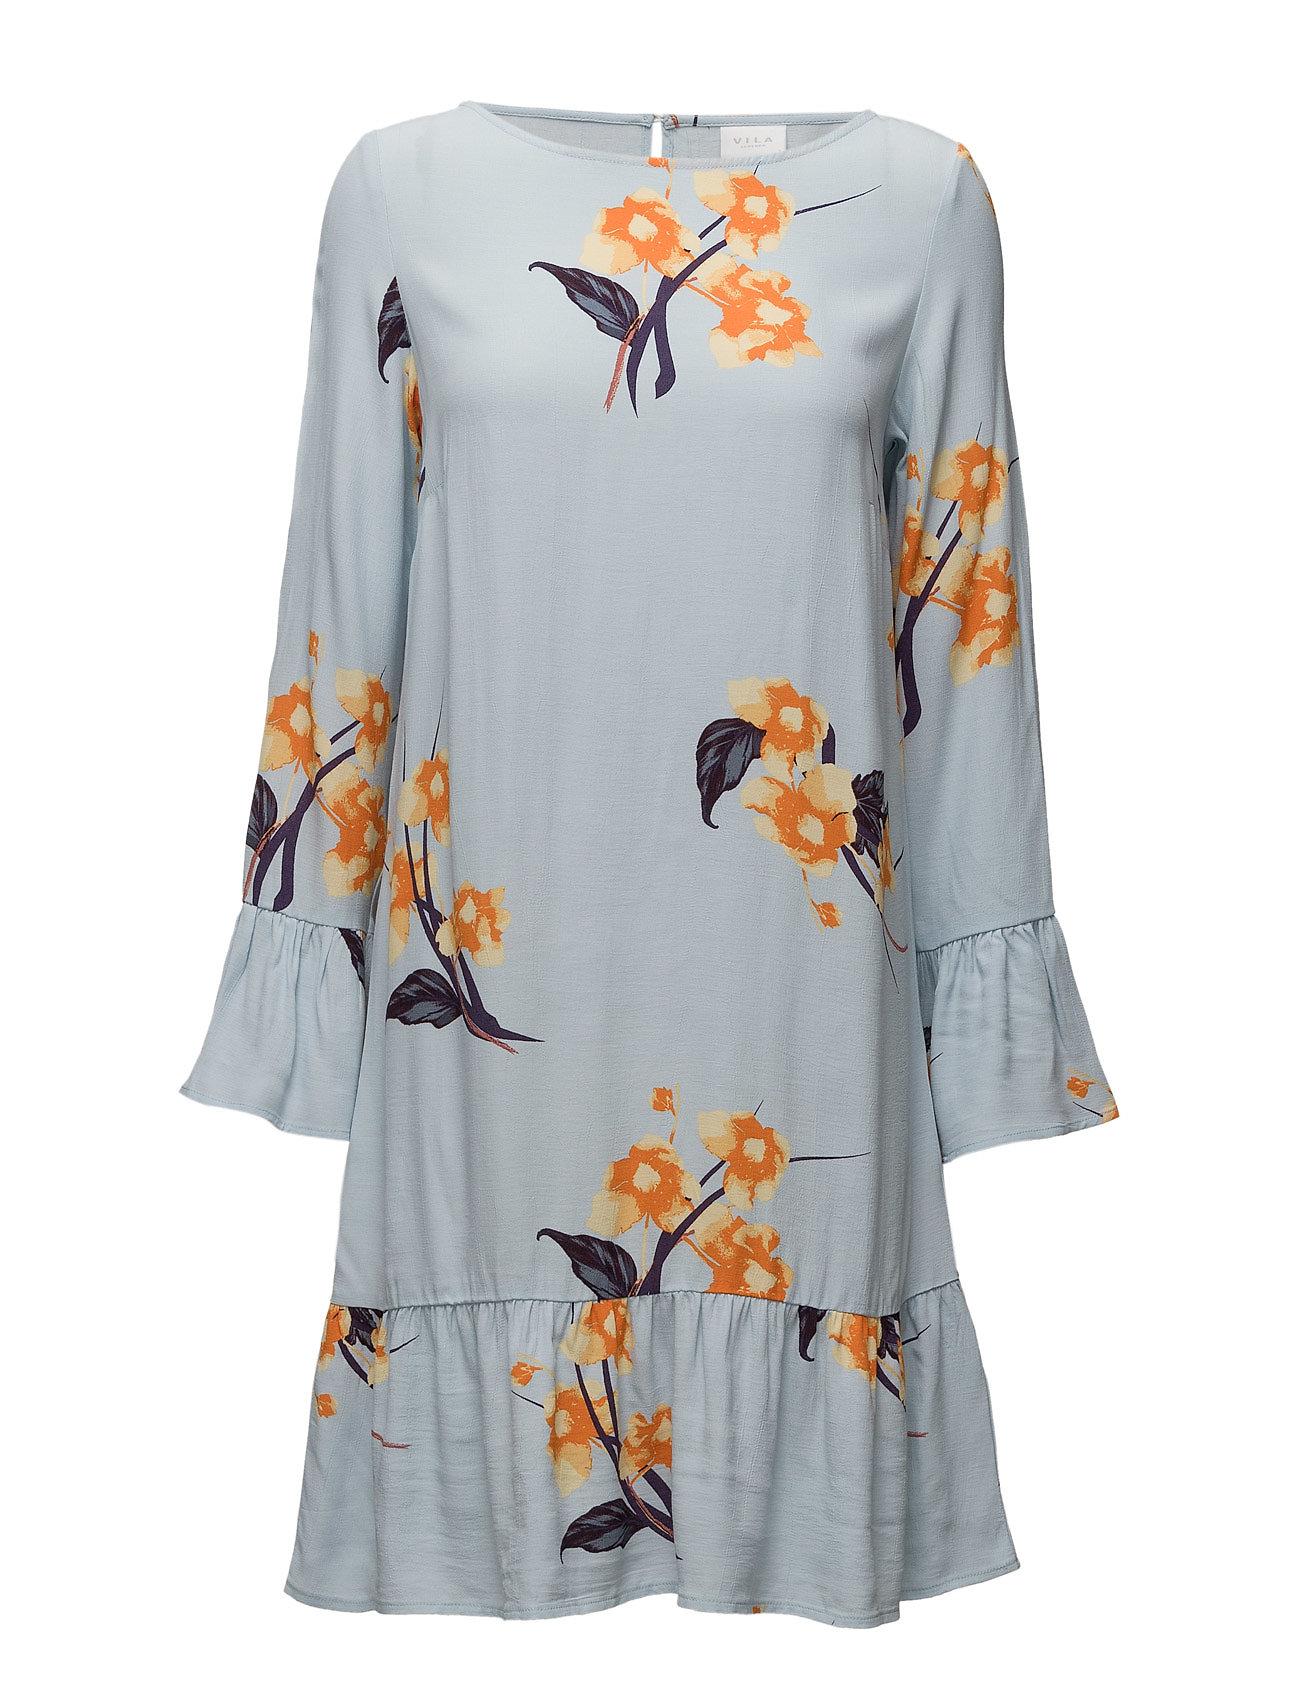 Vinalina L/S Ruffle Dress Vila Korte kjoler til Damer i Cashmere Blå